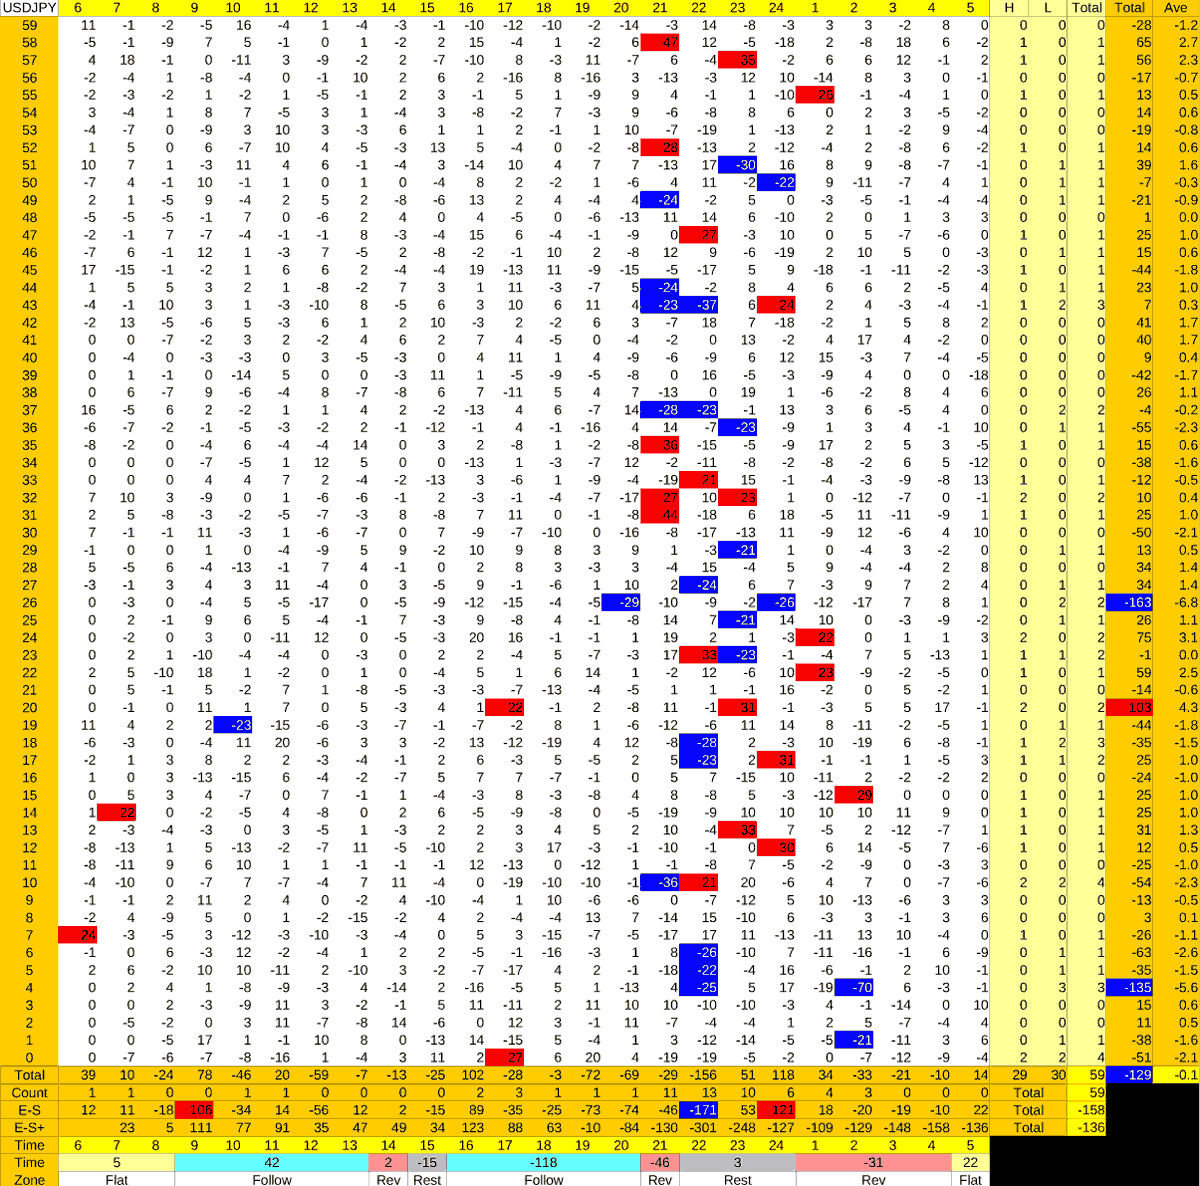 20210316_HS(1)USDJPY